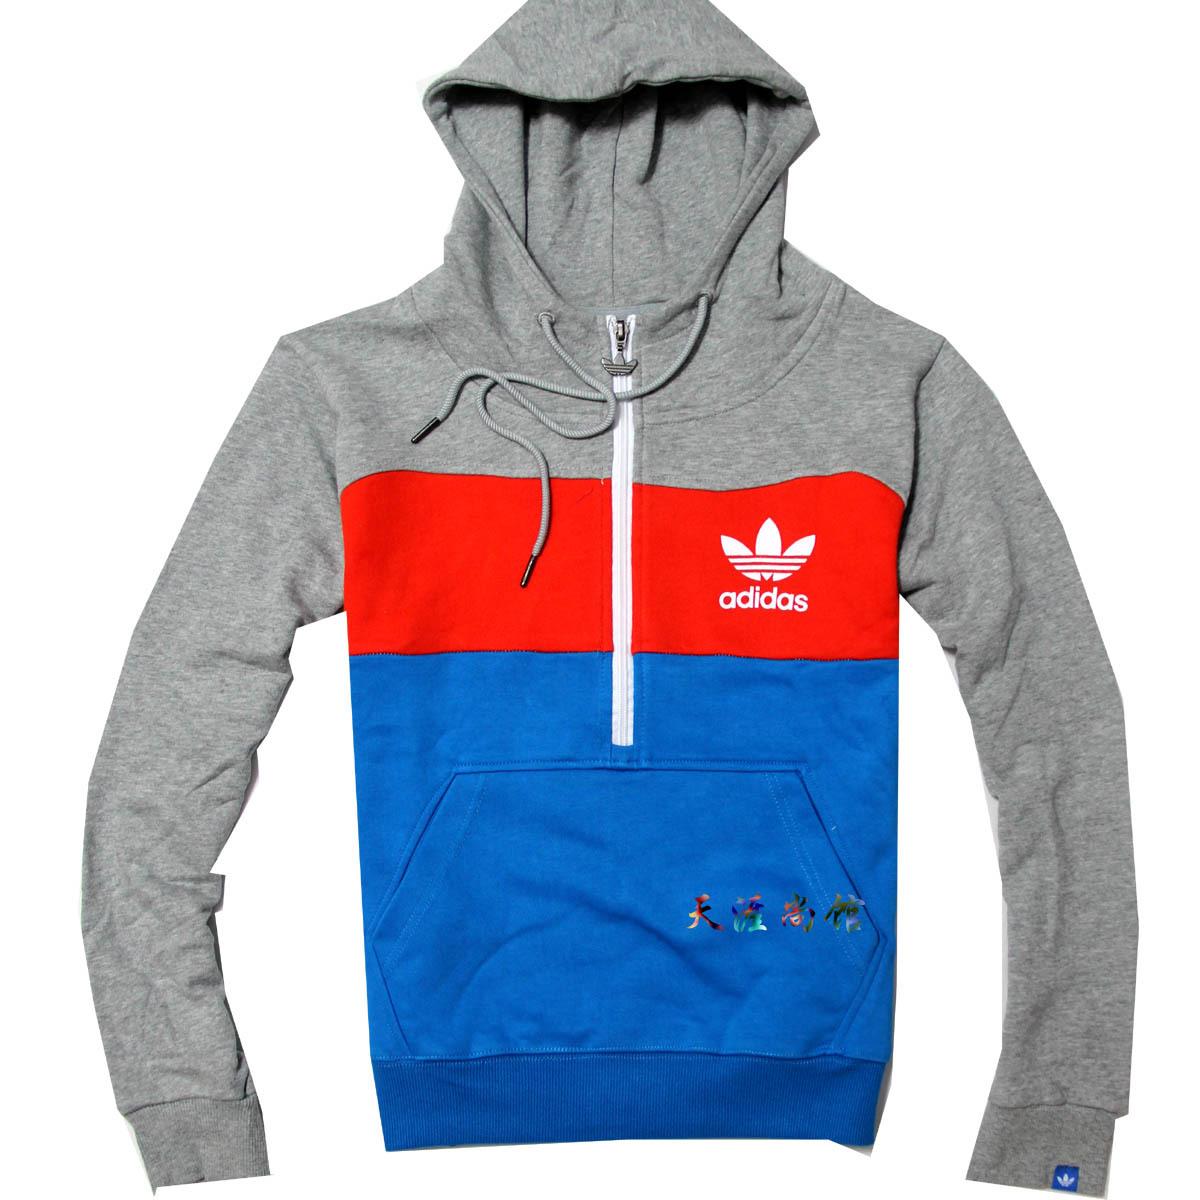 Спортивная толстовка Adidas 1234 Нейтральный - удалит не Пуловер 100 хлопок Молния Для спорта и отдыха Быстросохнущие, Удерживающая тепло, Воздухопроницаемые % Осень 2012